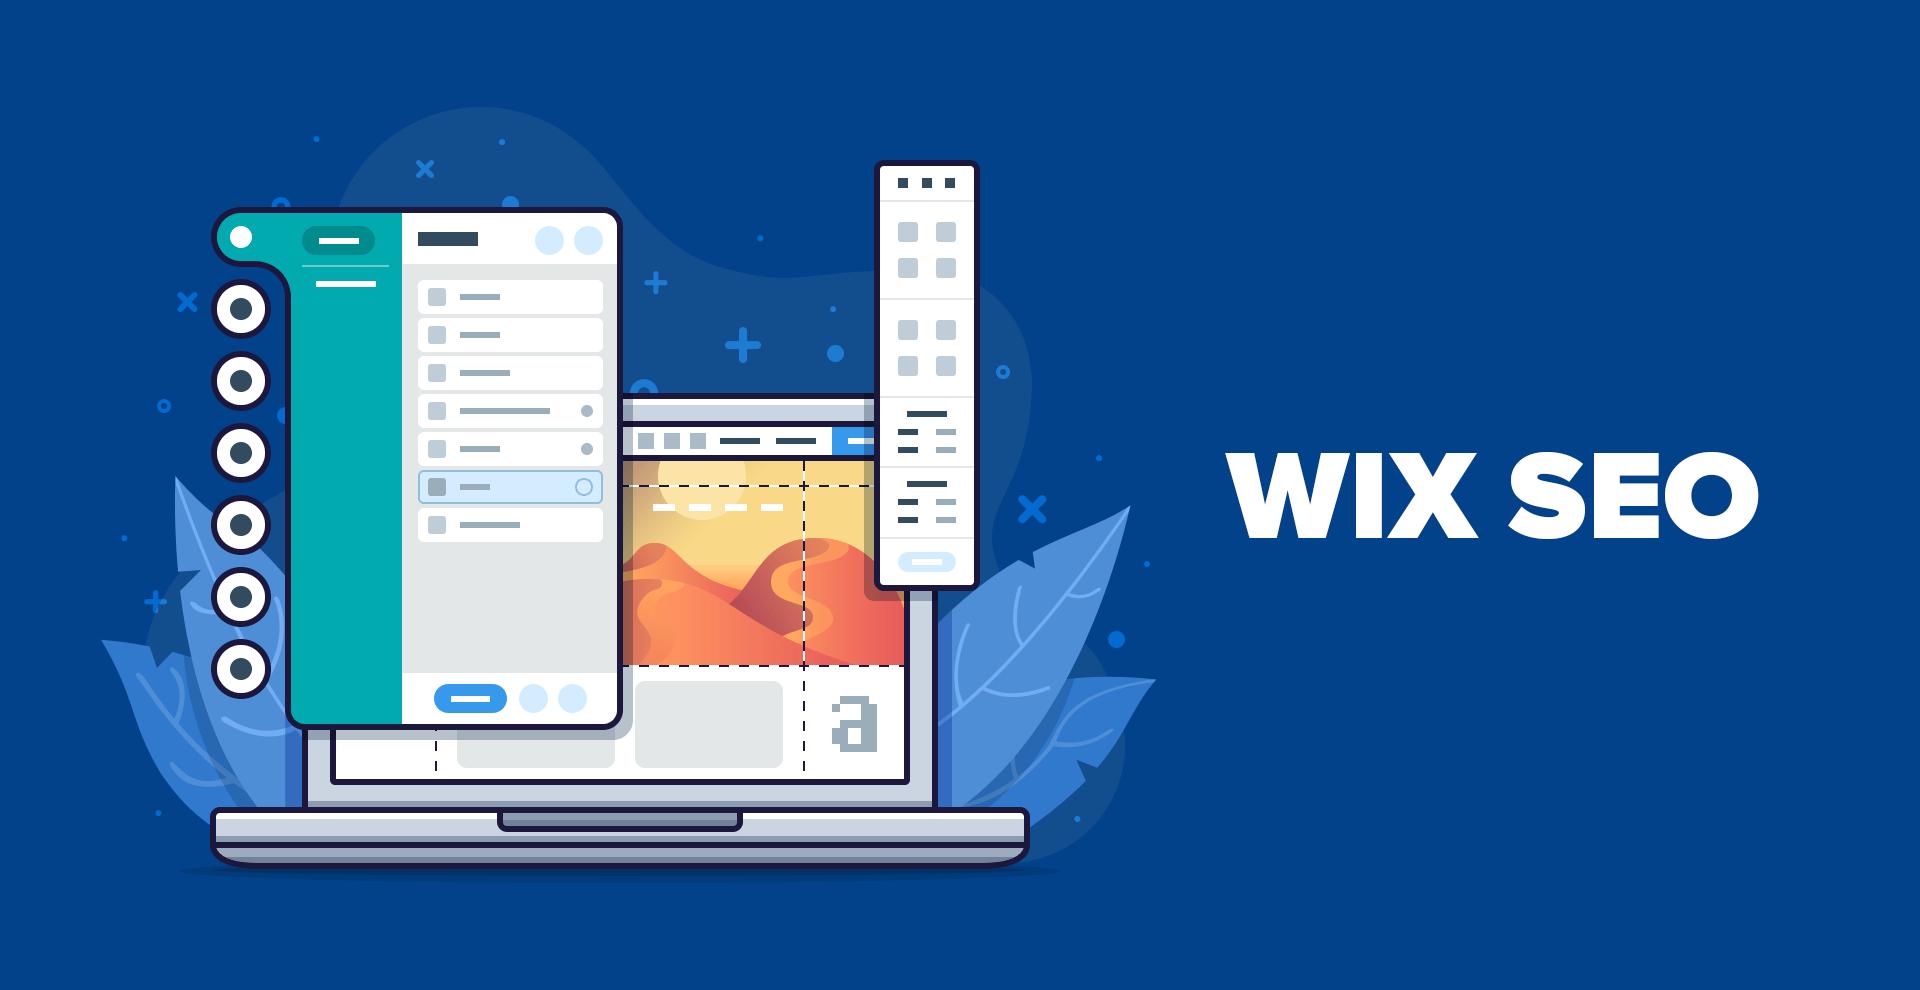 Wix SEO